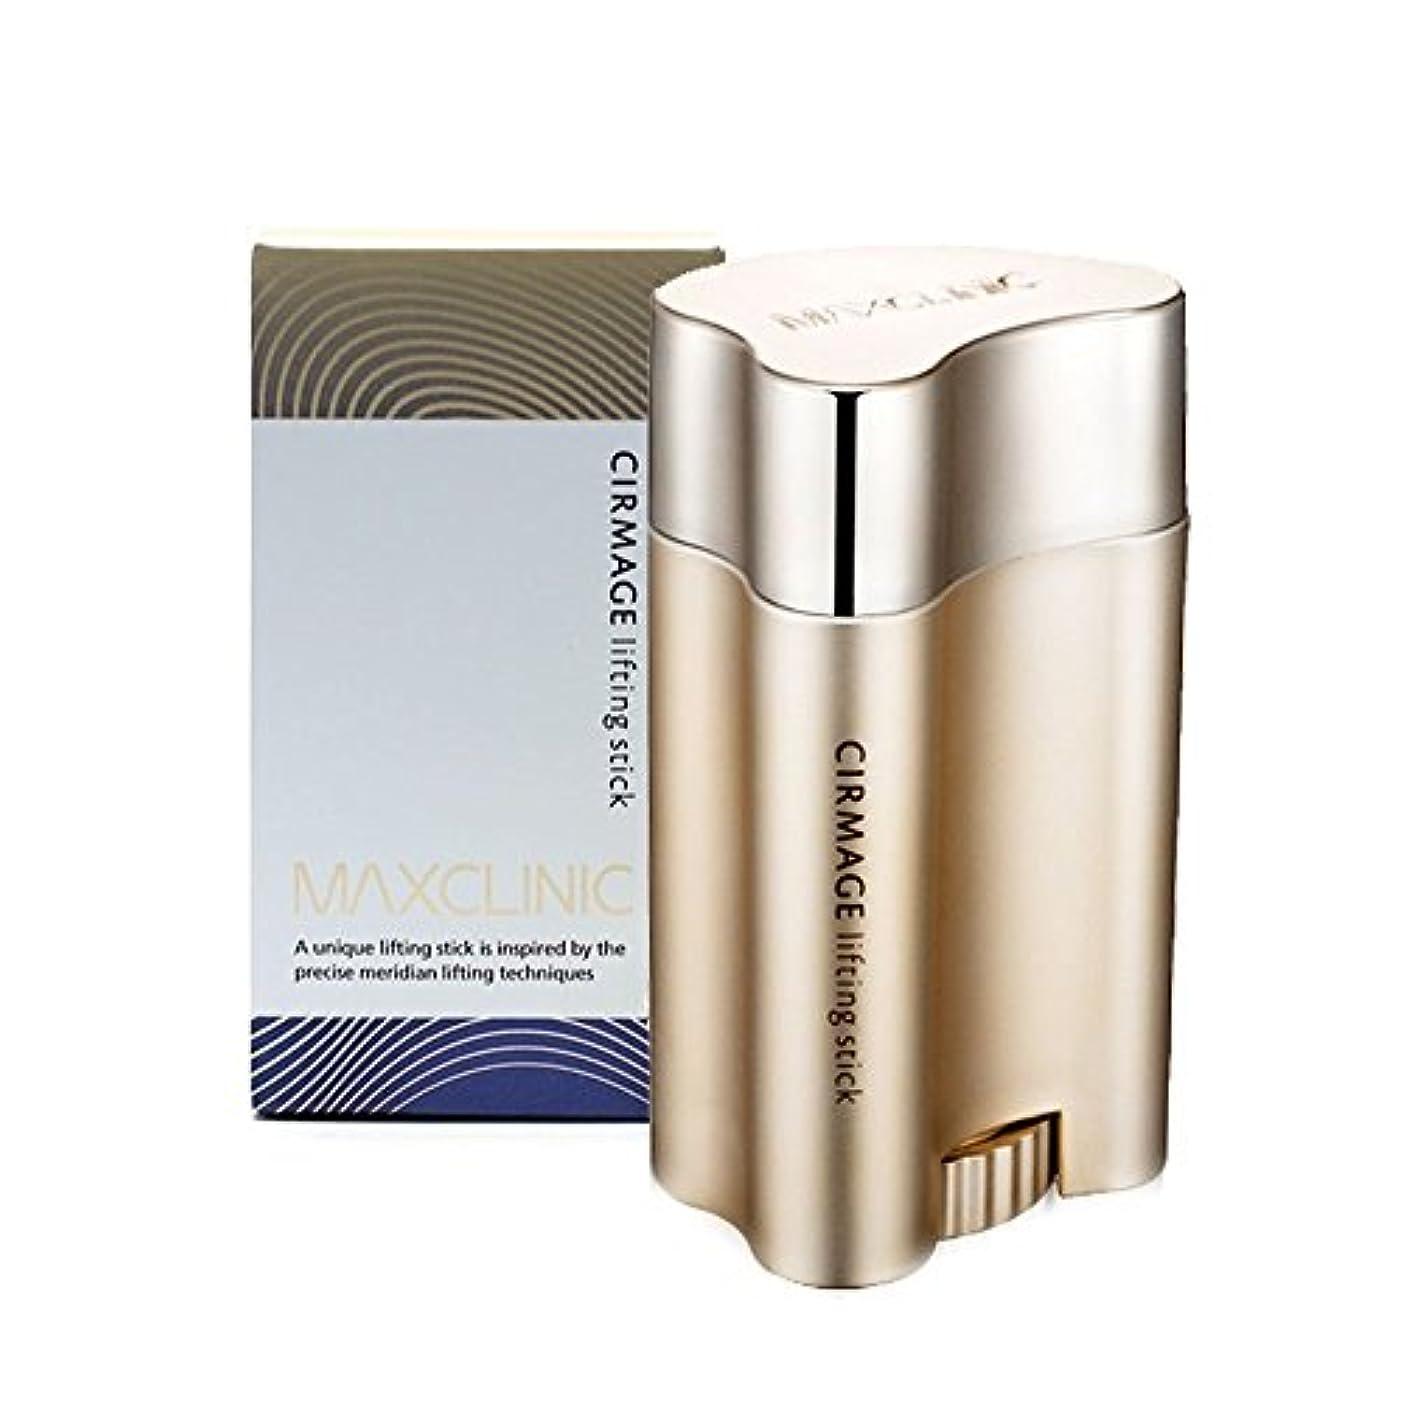 前観客小道具MAXCLINIC マックスクリニック サーメージ リフティング スティック 23g(Cirmage Lifting Stick 23g)/Direct from Korea/w free Gift Sample [並行輸入品]